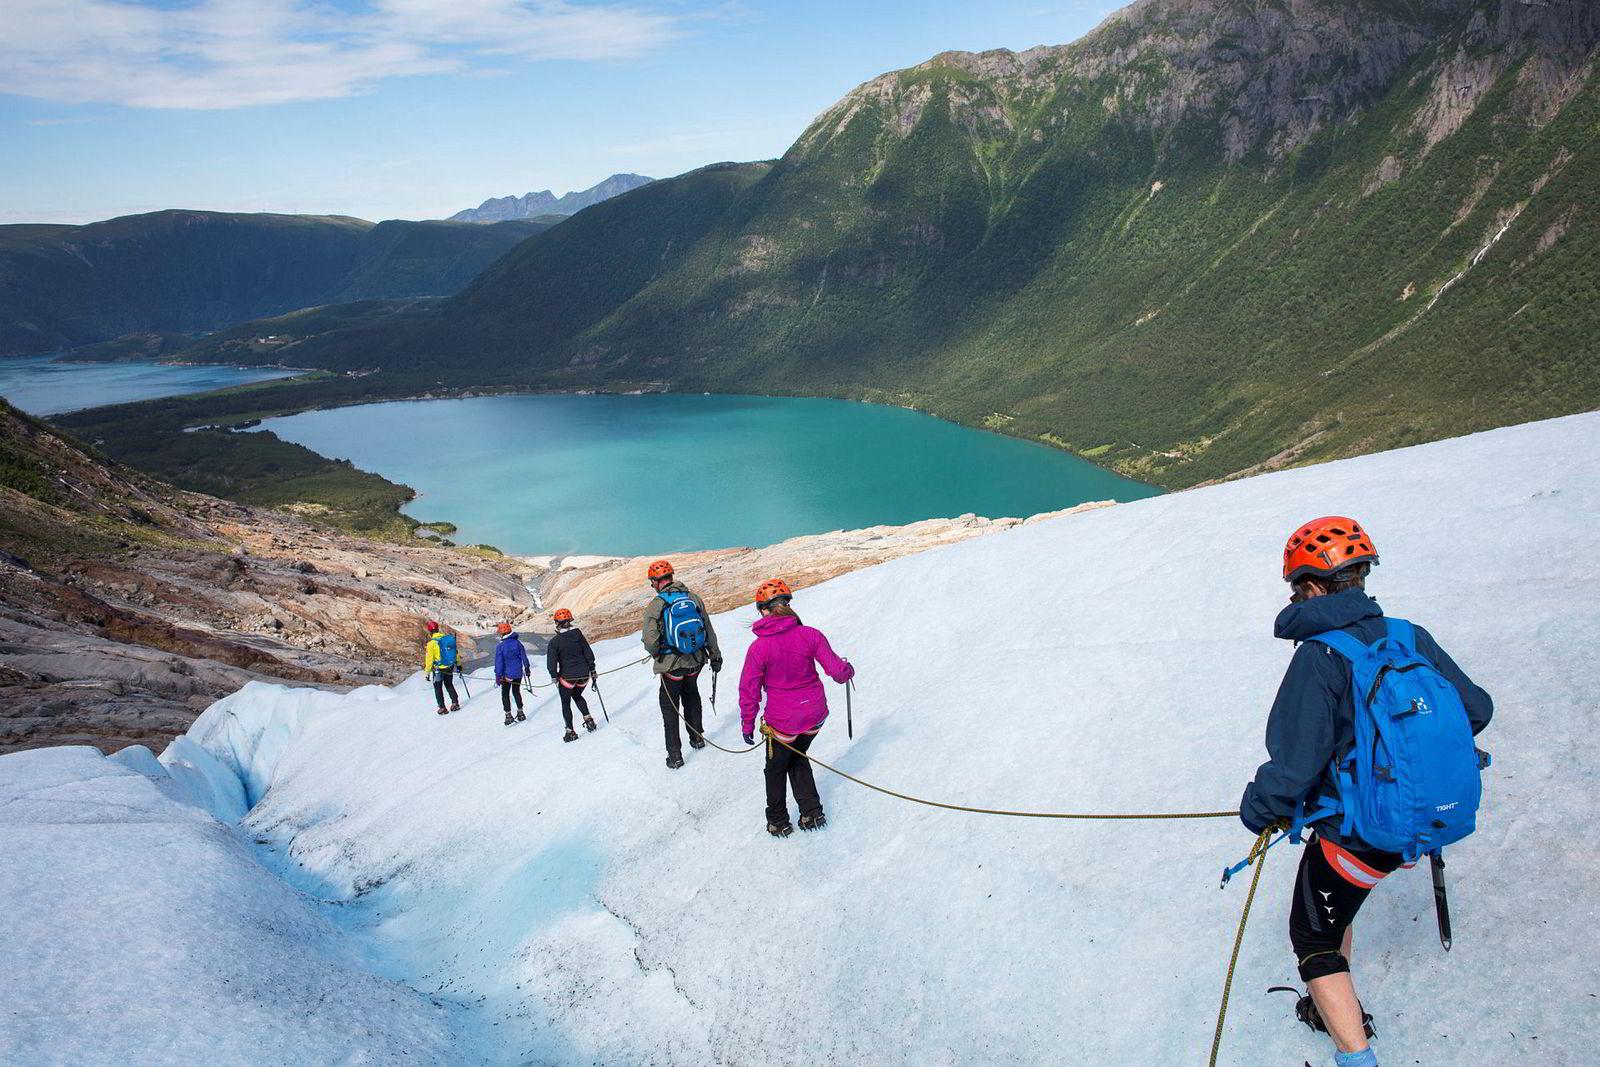 Øyvind Gjersvik leder an mens Karen, Bolette, Rune, Birthe og Elisabeth Nordbotten vandrer bak på vei nedover Engabreen som er Svartisens lavestliggende brearm.